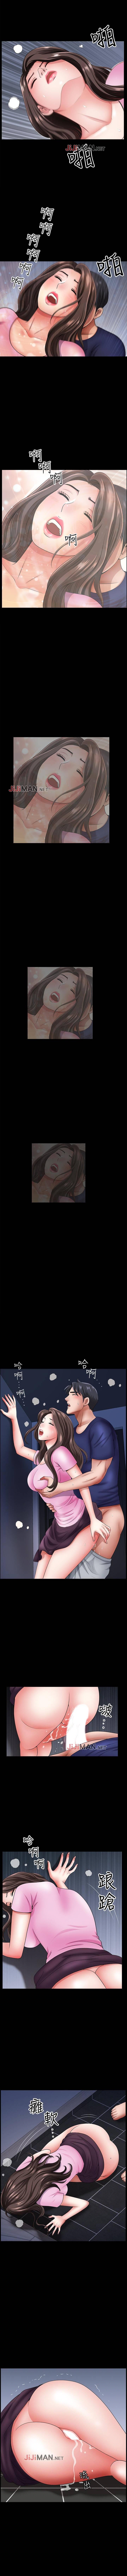 【周日连载】双妻生活(作者:skyso) 第1~23话 99